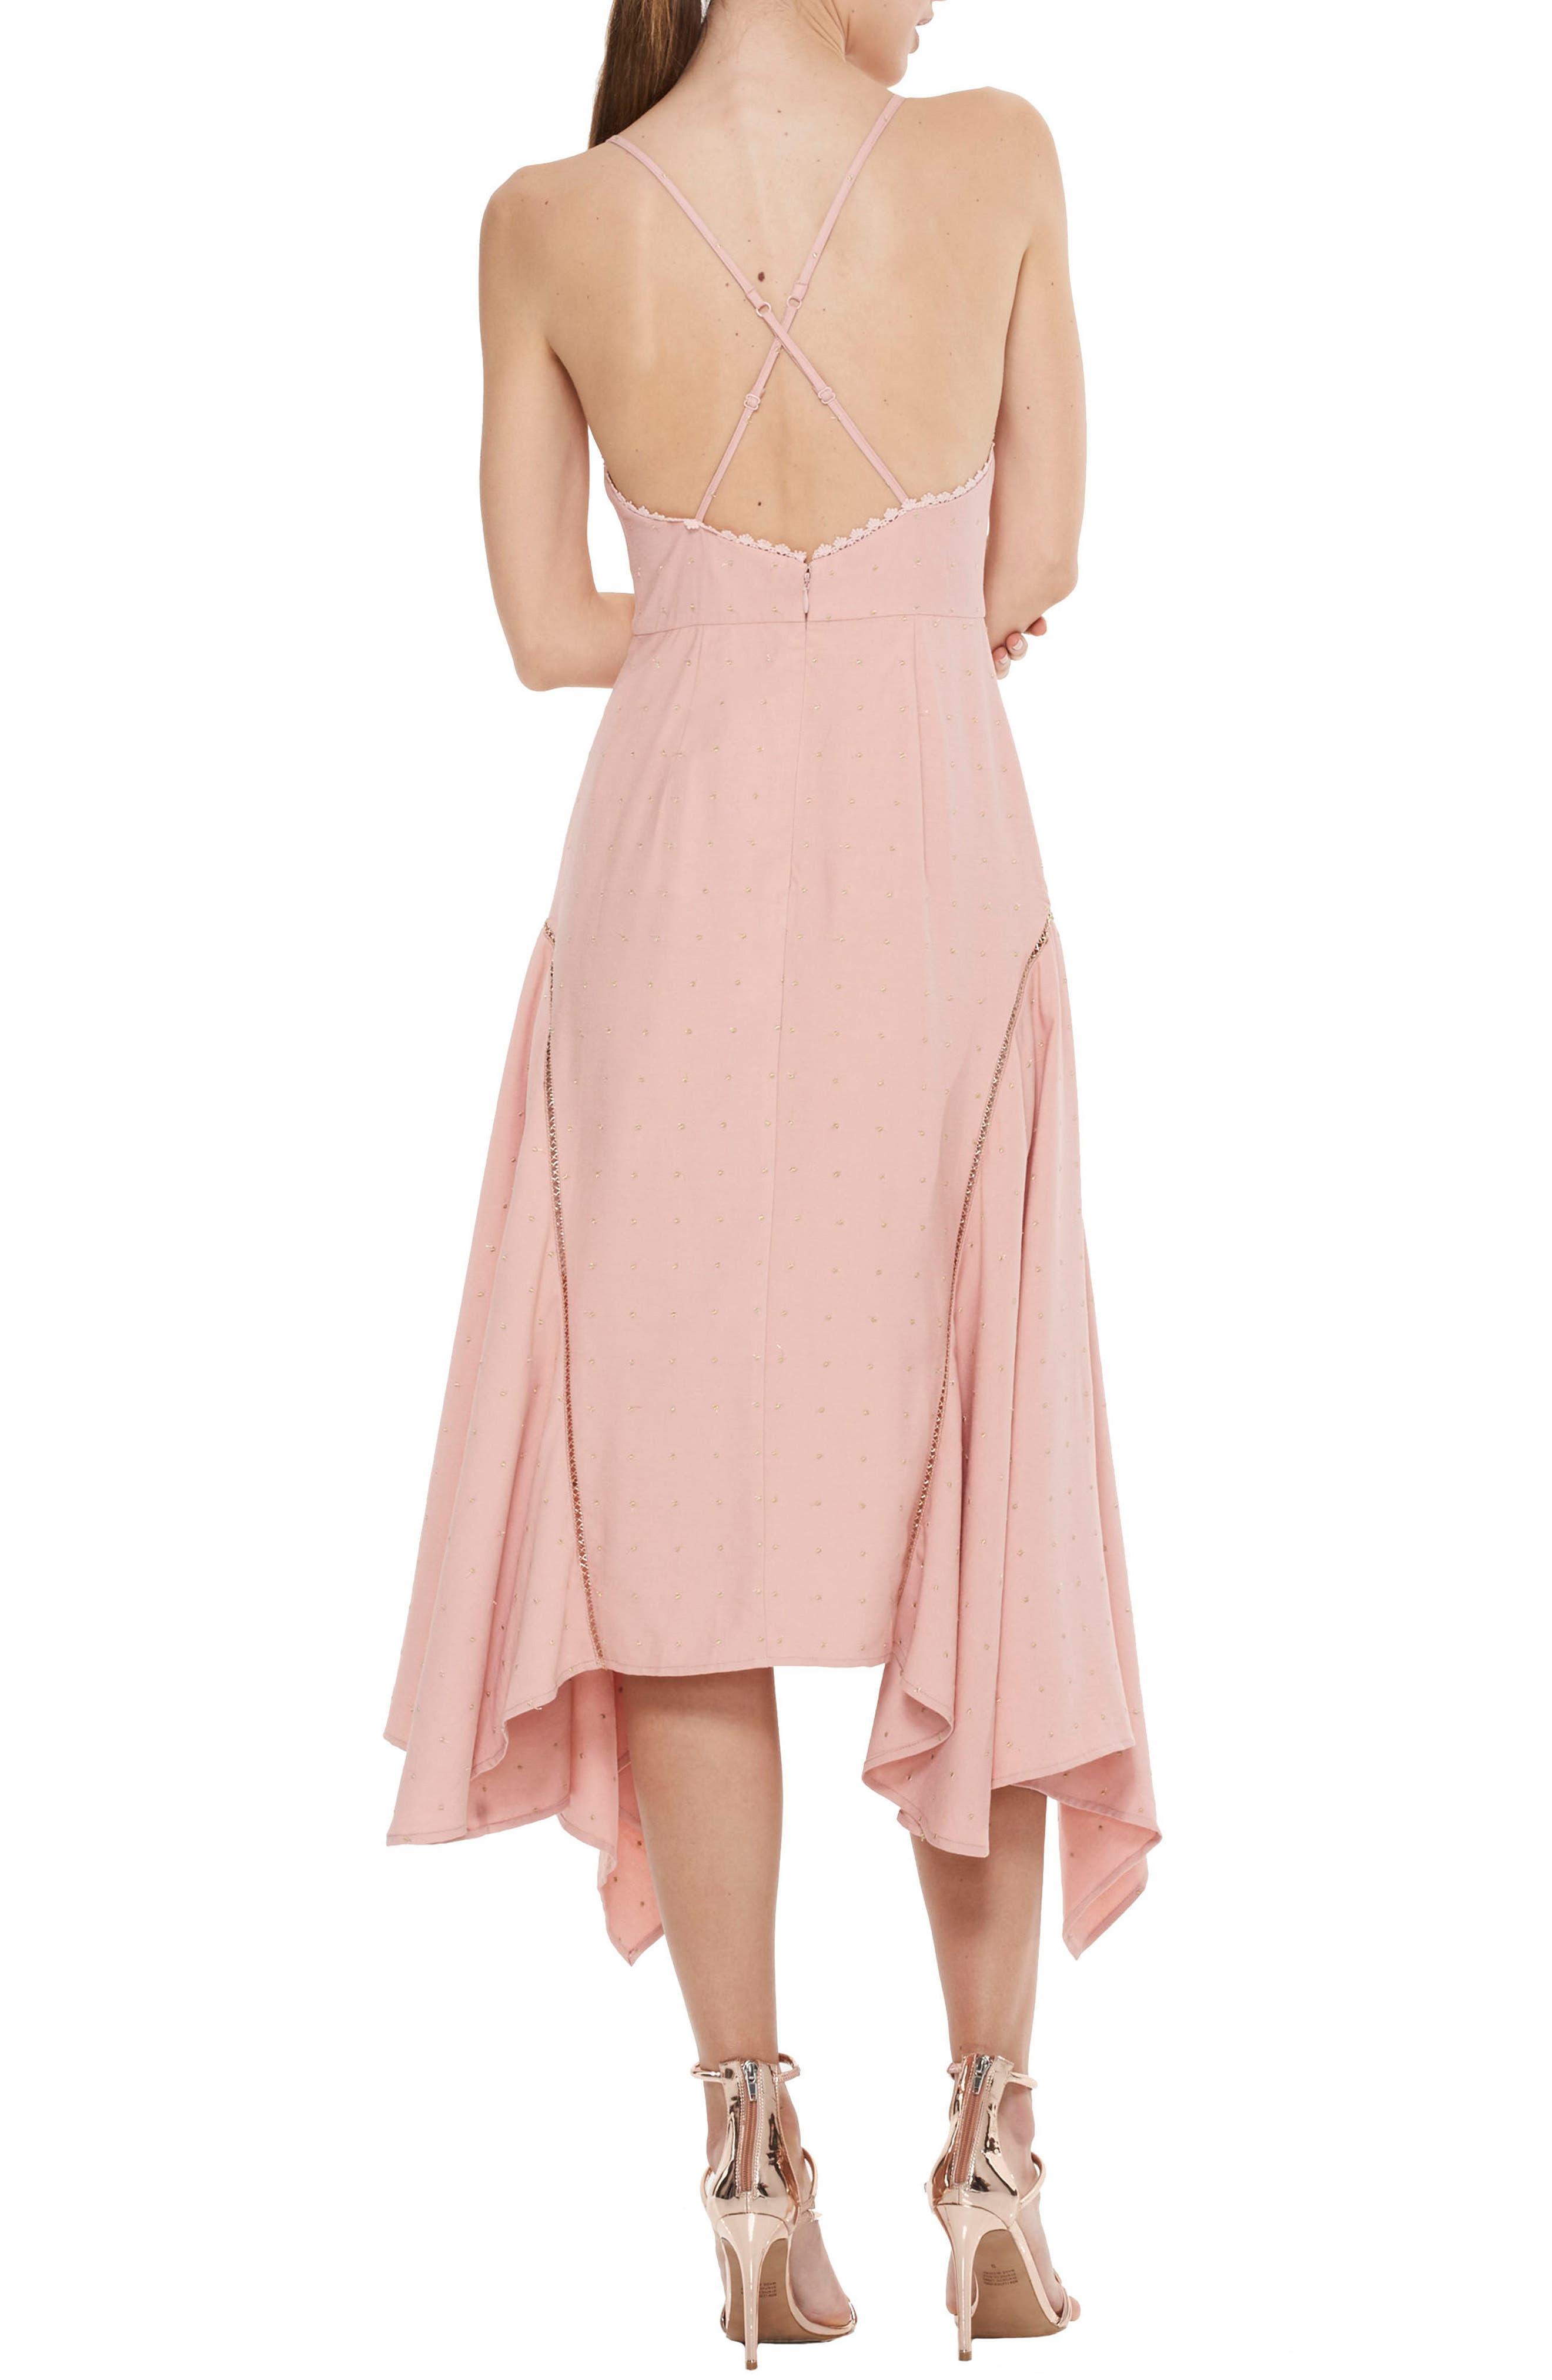 Penelope Embellished Godet Dress,                             Alternate thumbnail 2, color,                             Rose Dust W Gold Spot